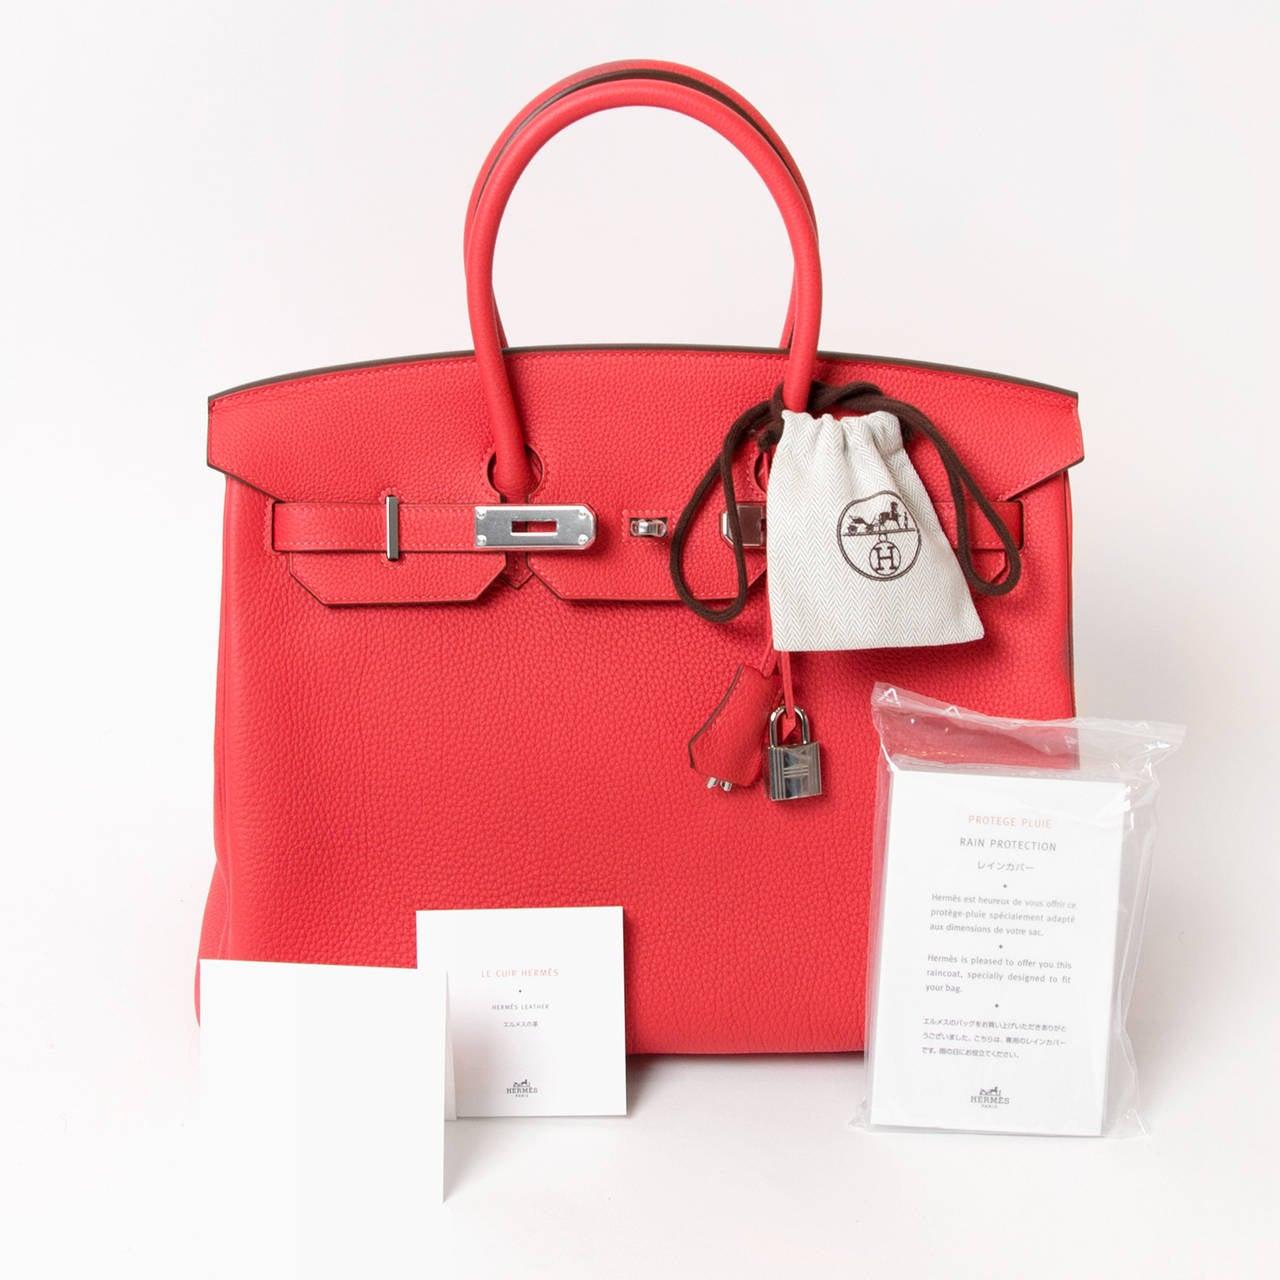 Brand New Hermes Togo Birkin 35 cm Rouge Pivoine PHW at 1stdibs